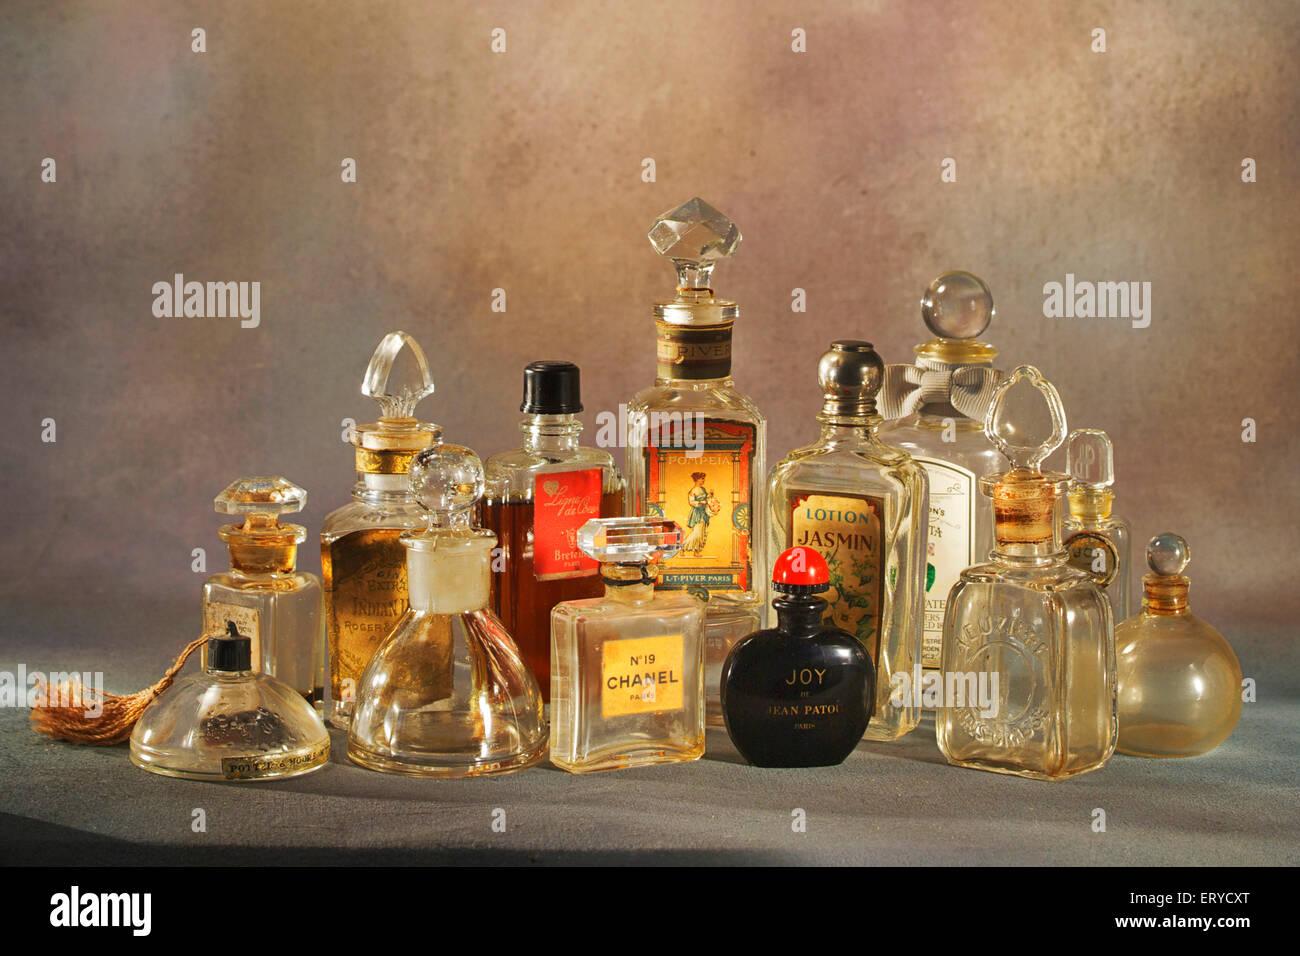 Heritage old perfume bottles ; India - Stock Image